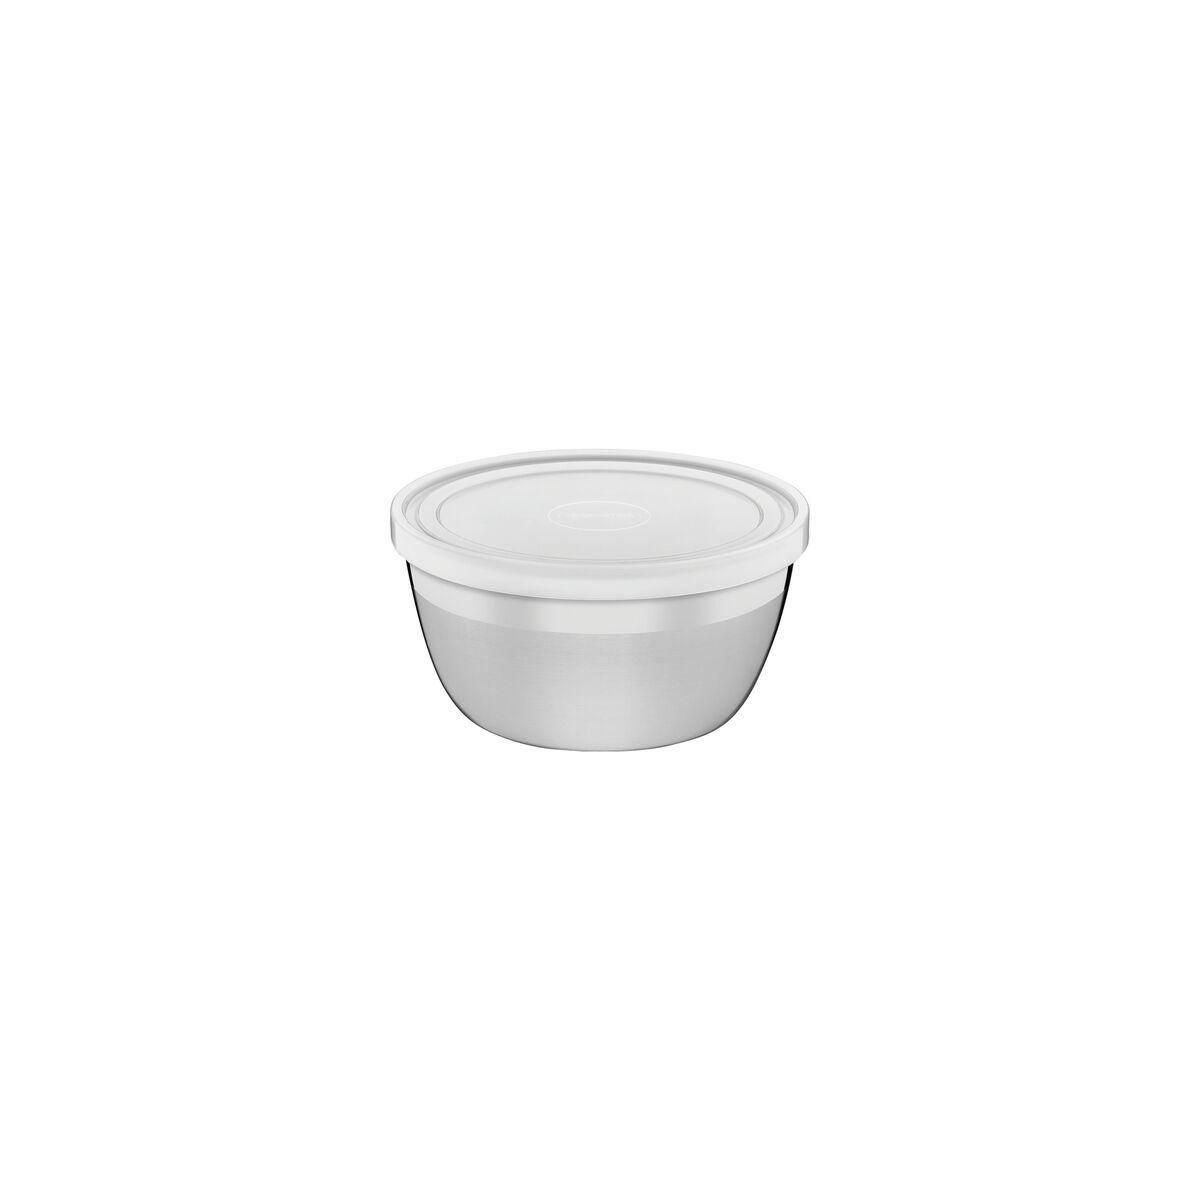 Recipiente redondo Freezinox de acero inoxidable con tapa plástica de 0,3 l y 9 cm Tramontina